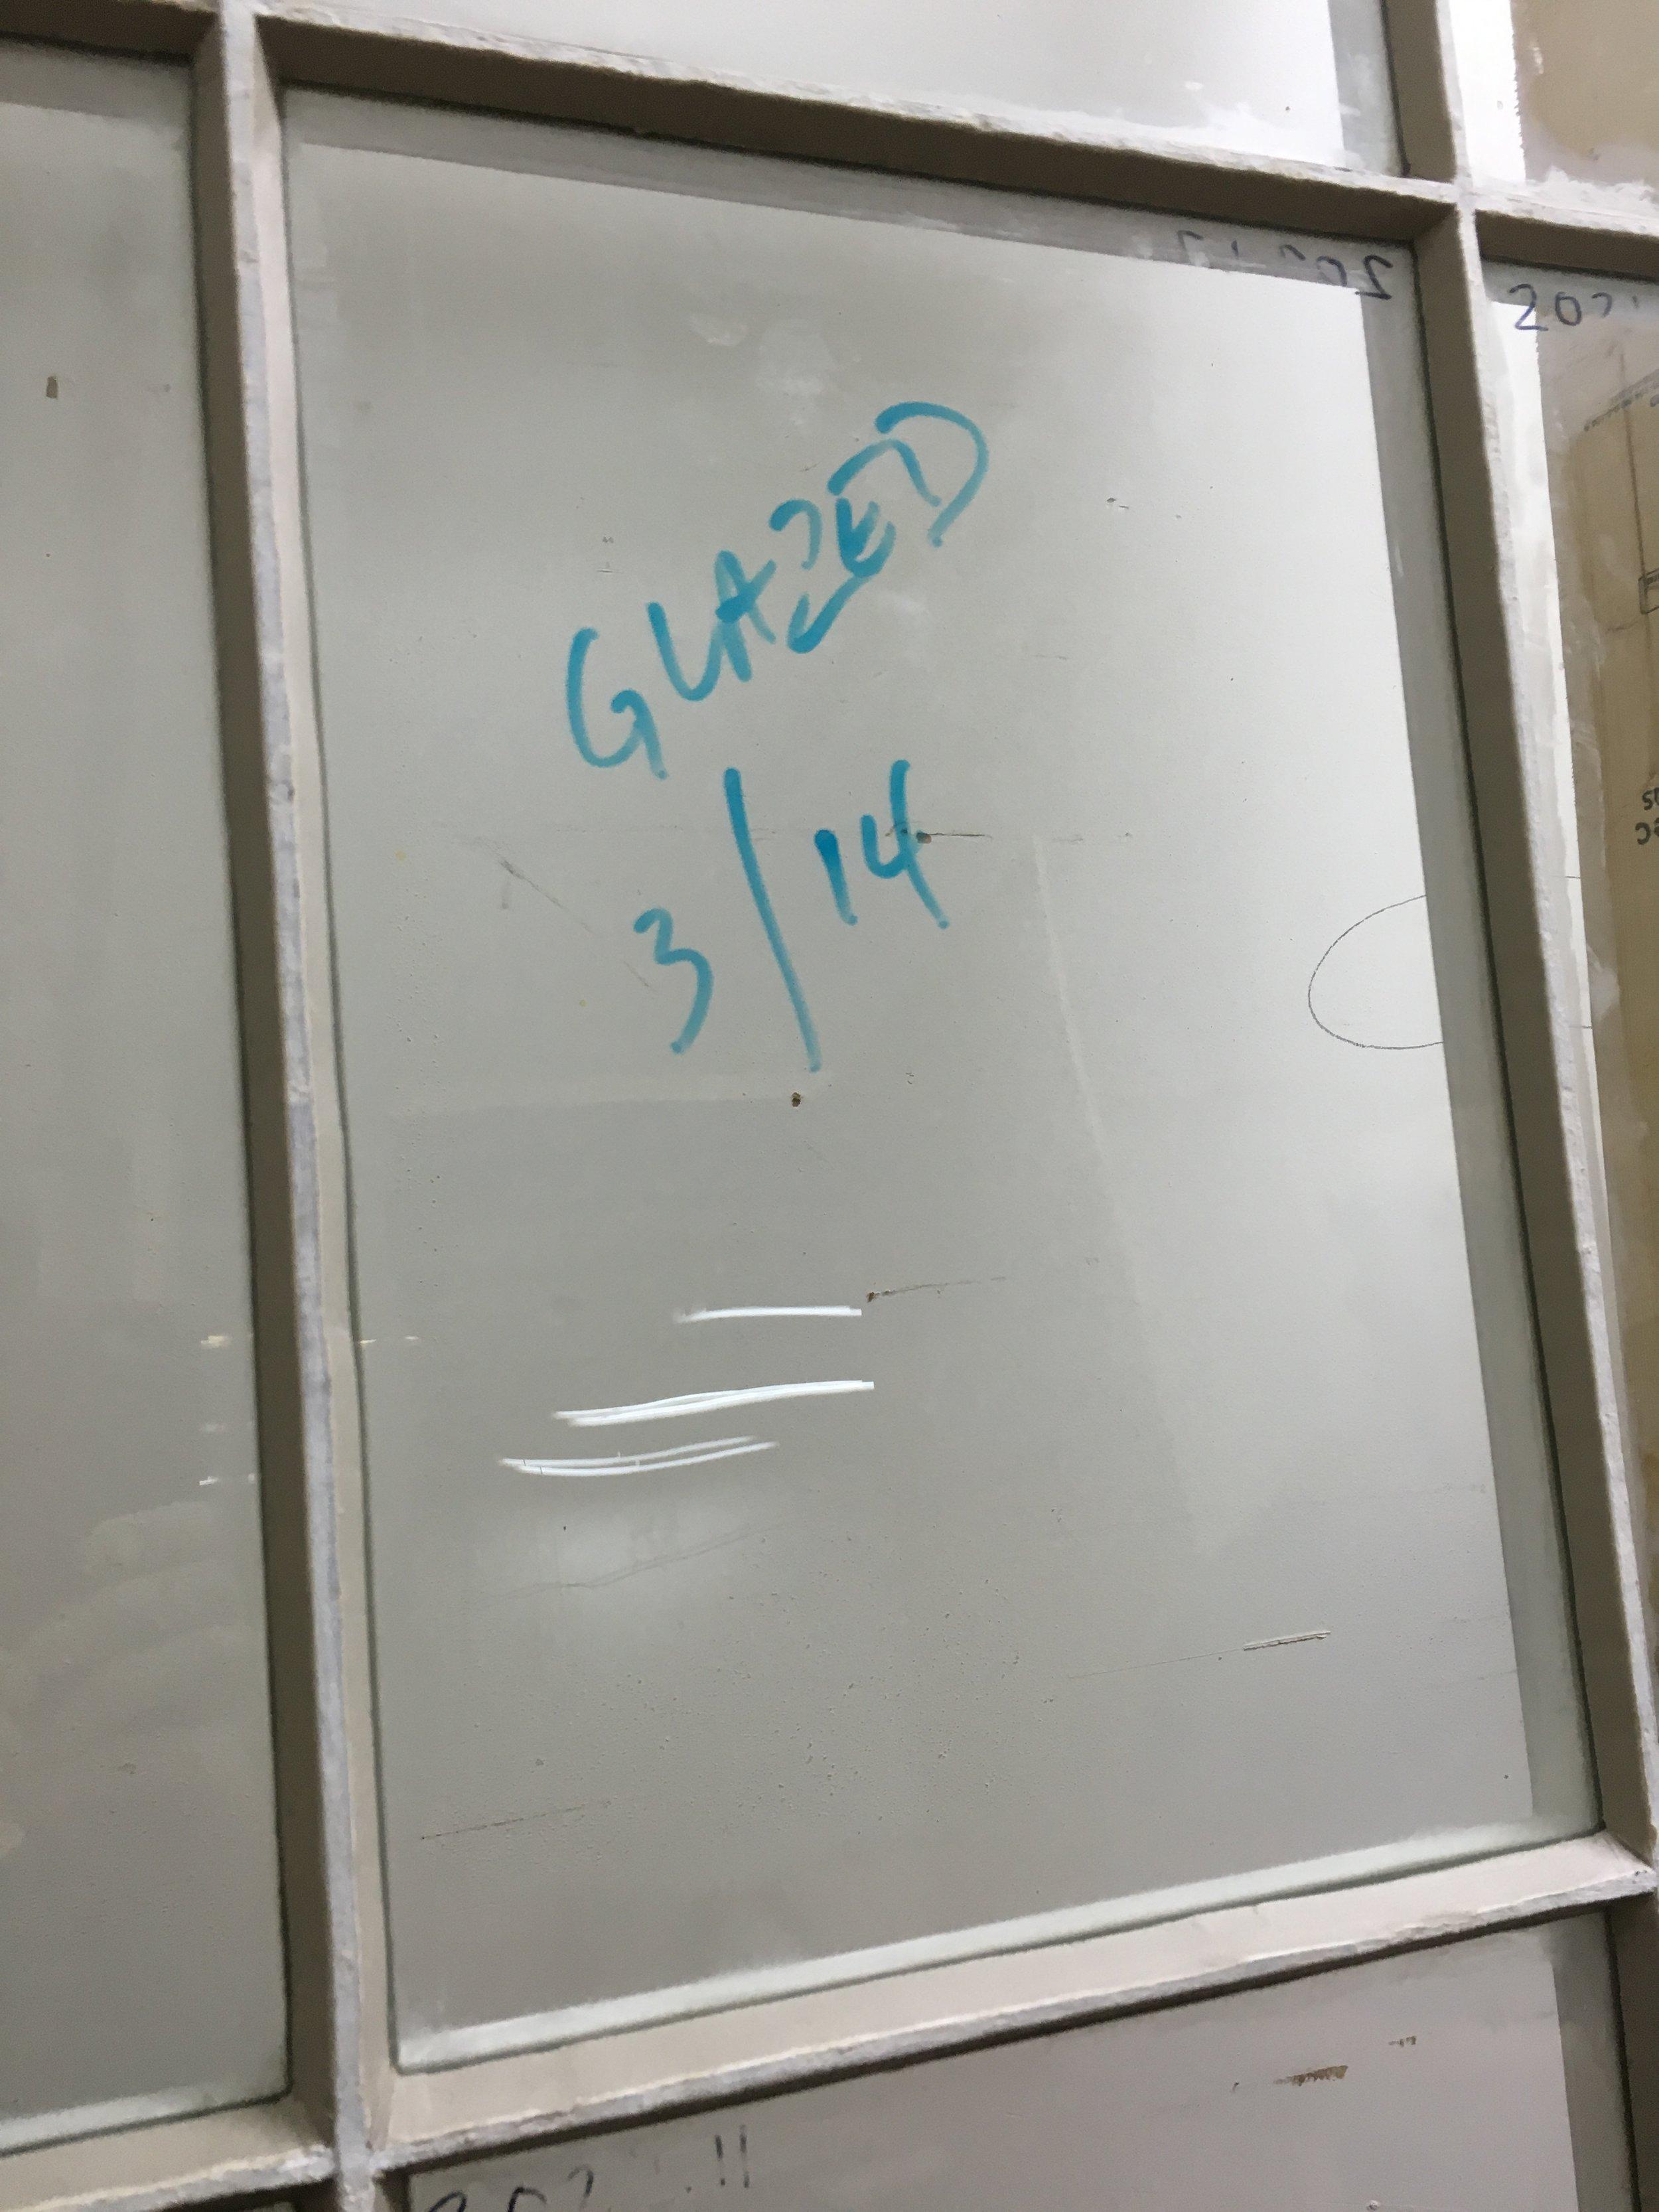 Putty glazed window